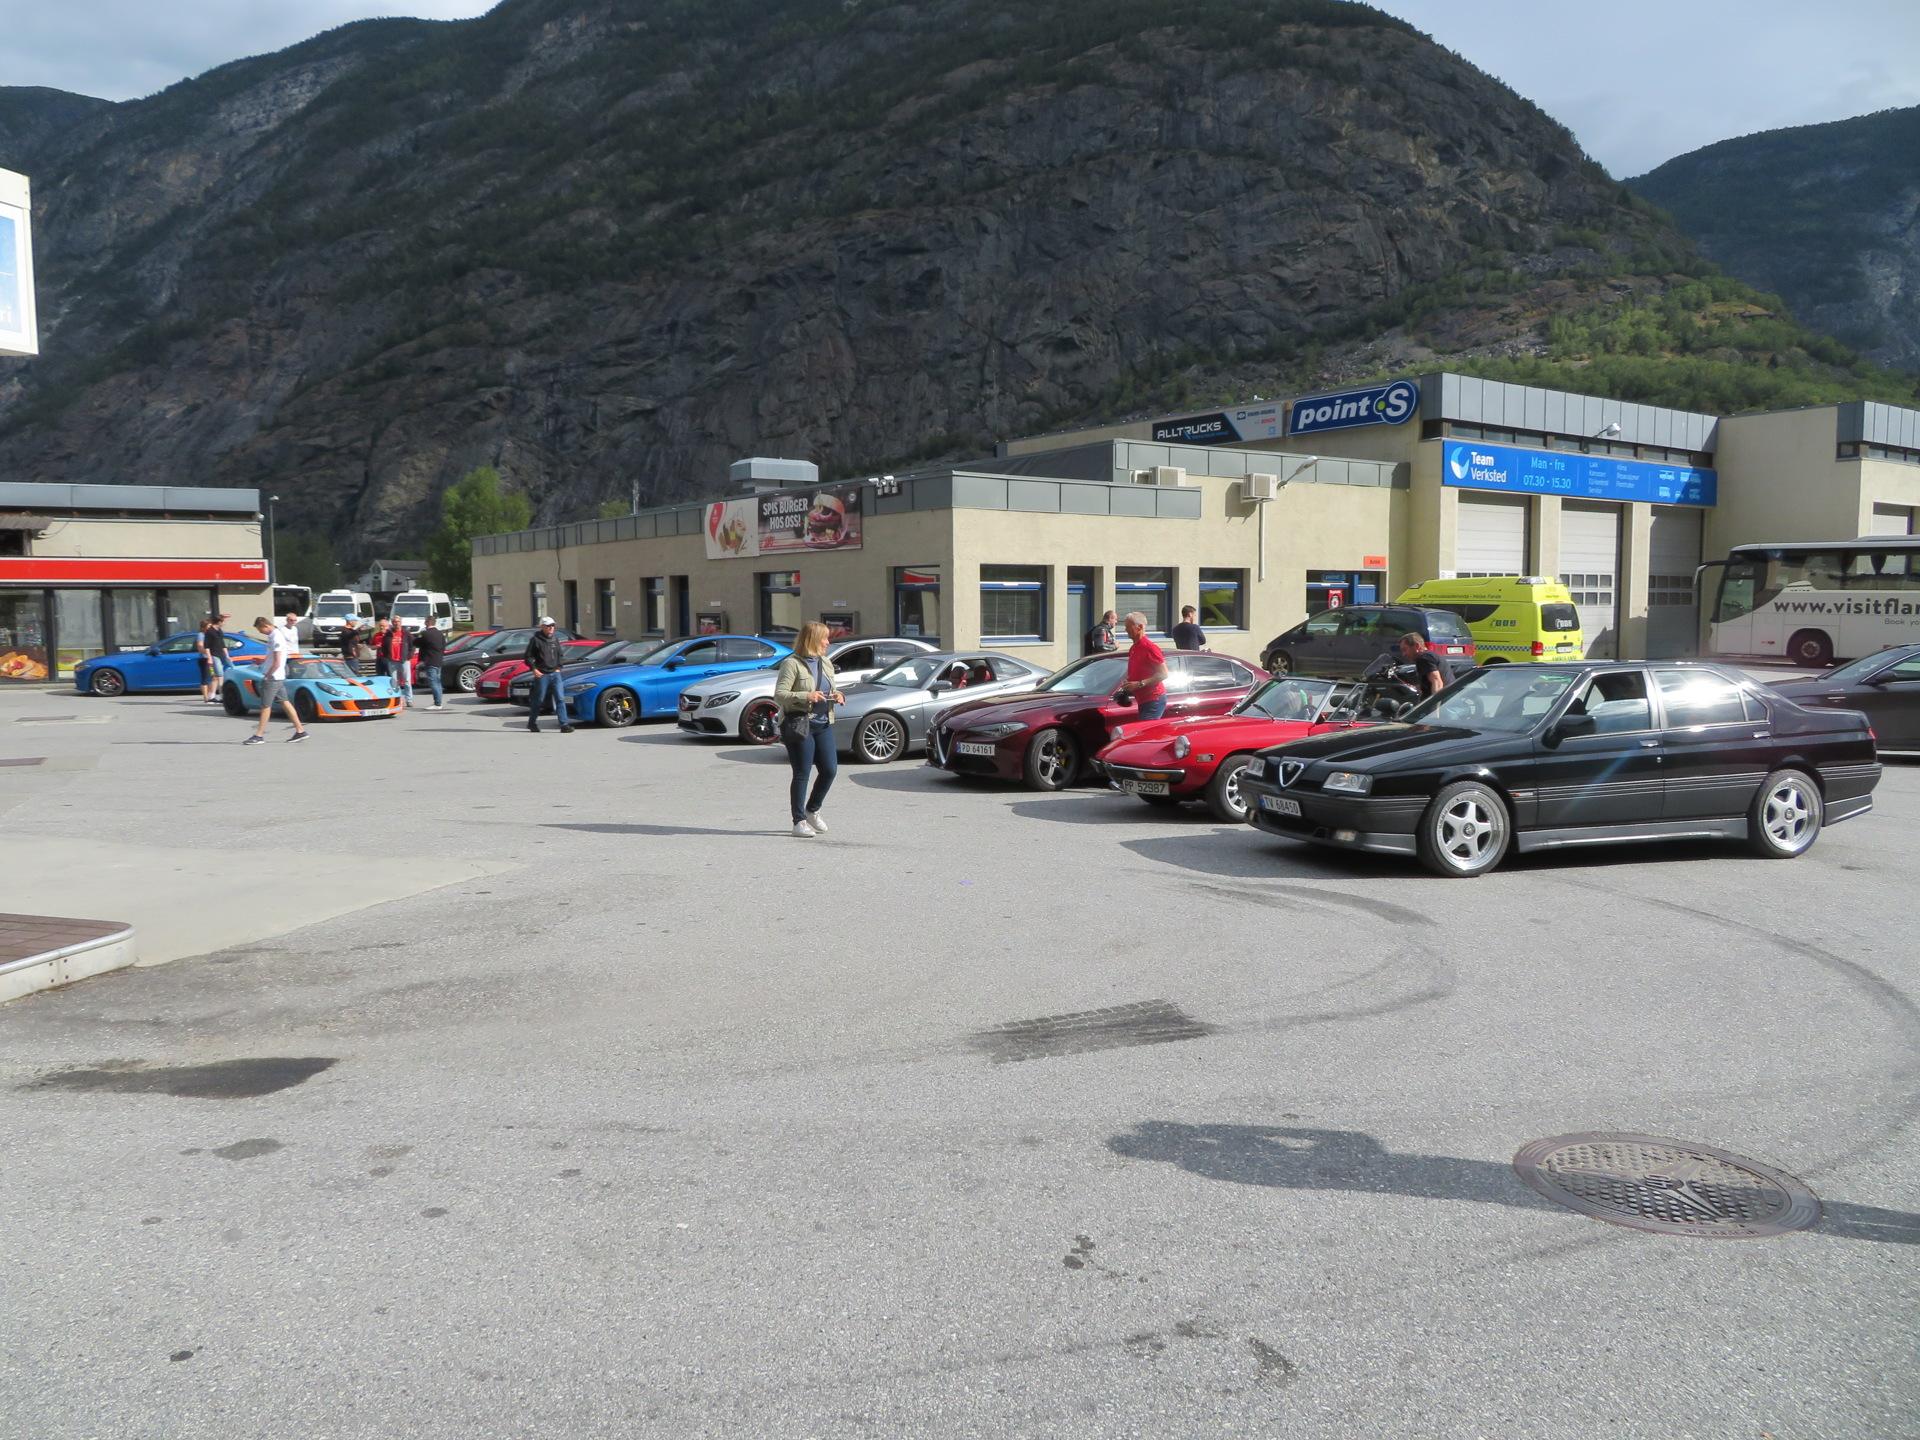 Drivstoff og samling før kjøretur (7).JPG